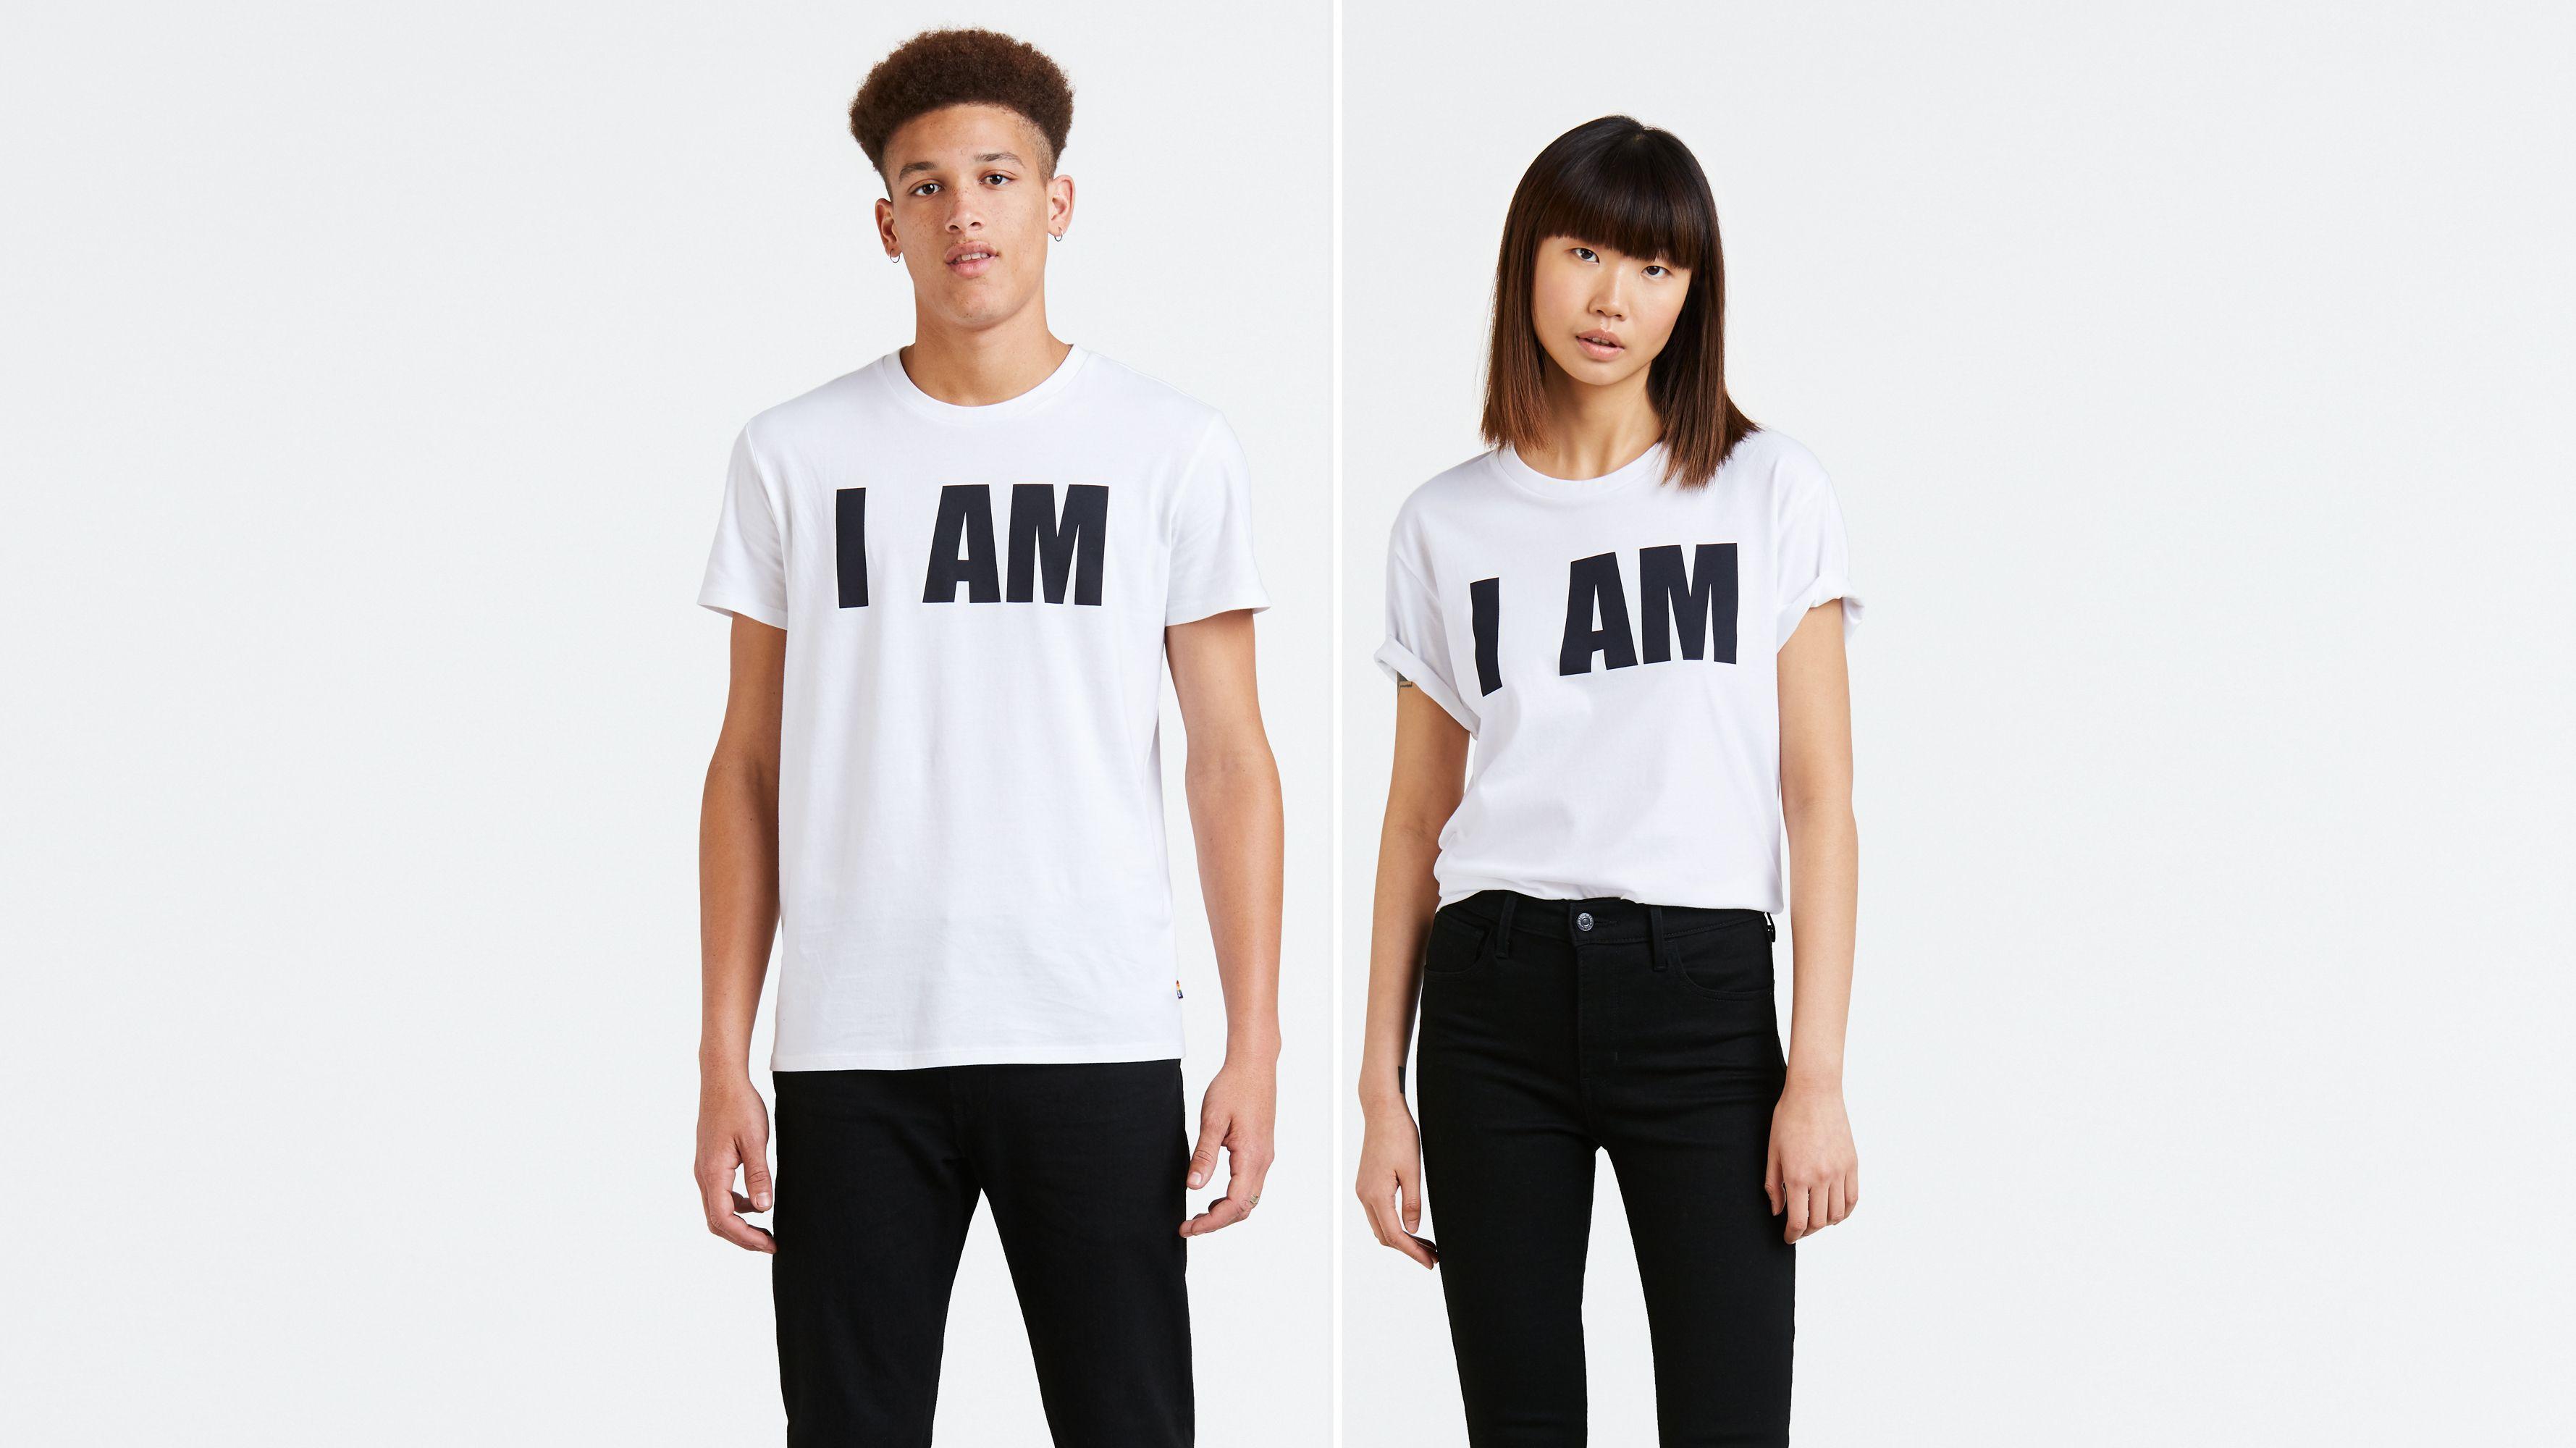 Hommes Débardeurs T Et Pour Shirts Chemises 4xOFpdO